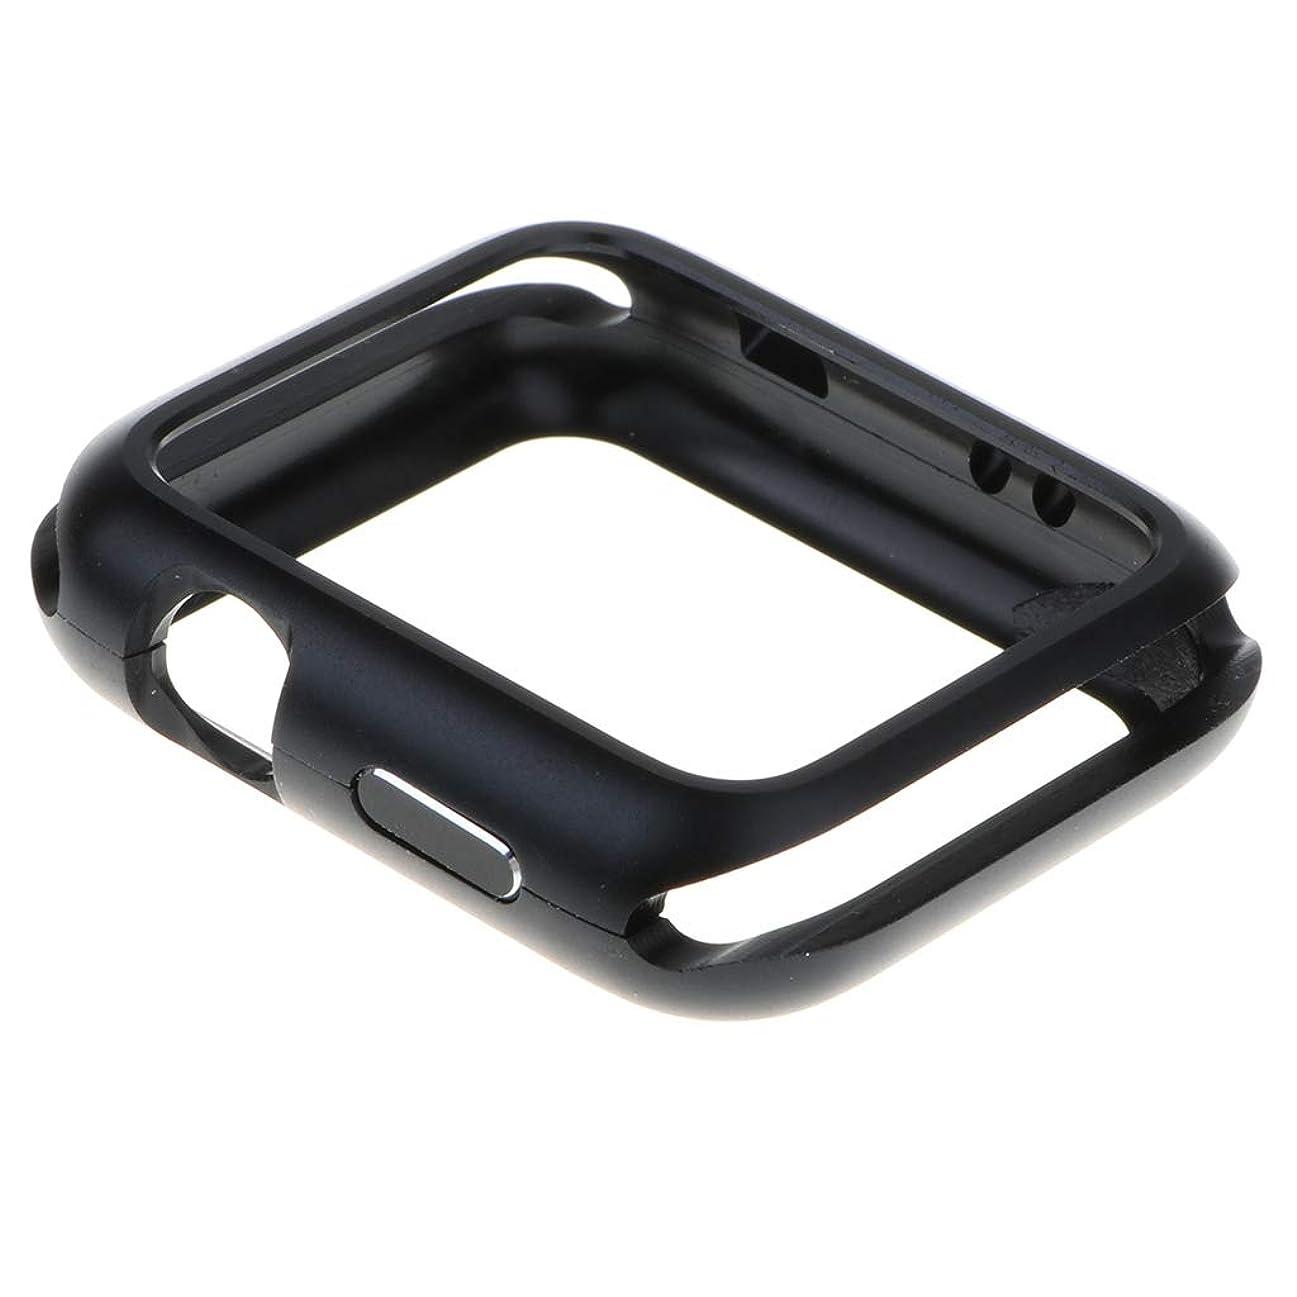 馬鹿げた抵抗種類スリム 磁気 ウォッチ カバー ケース 保護 磨損防止 Apple iWatch 42mmに対応 全3色 - 黒